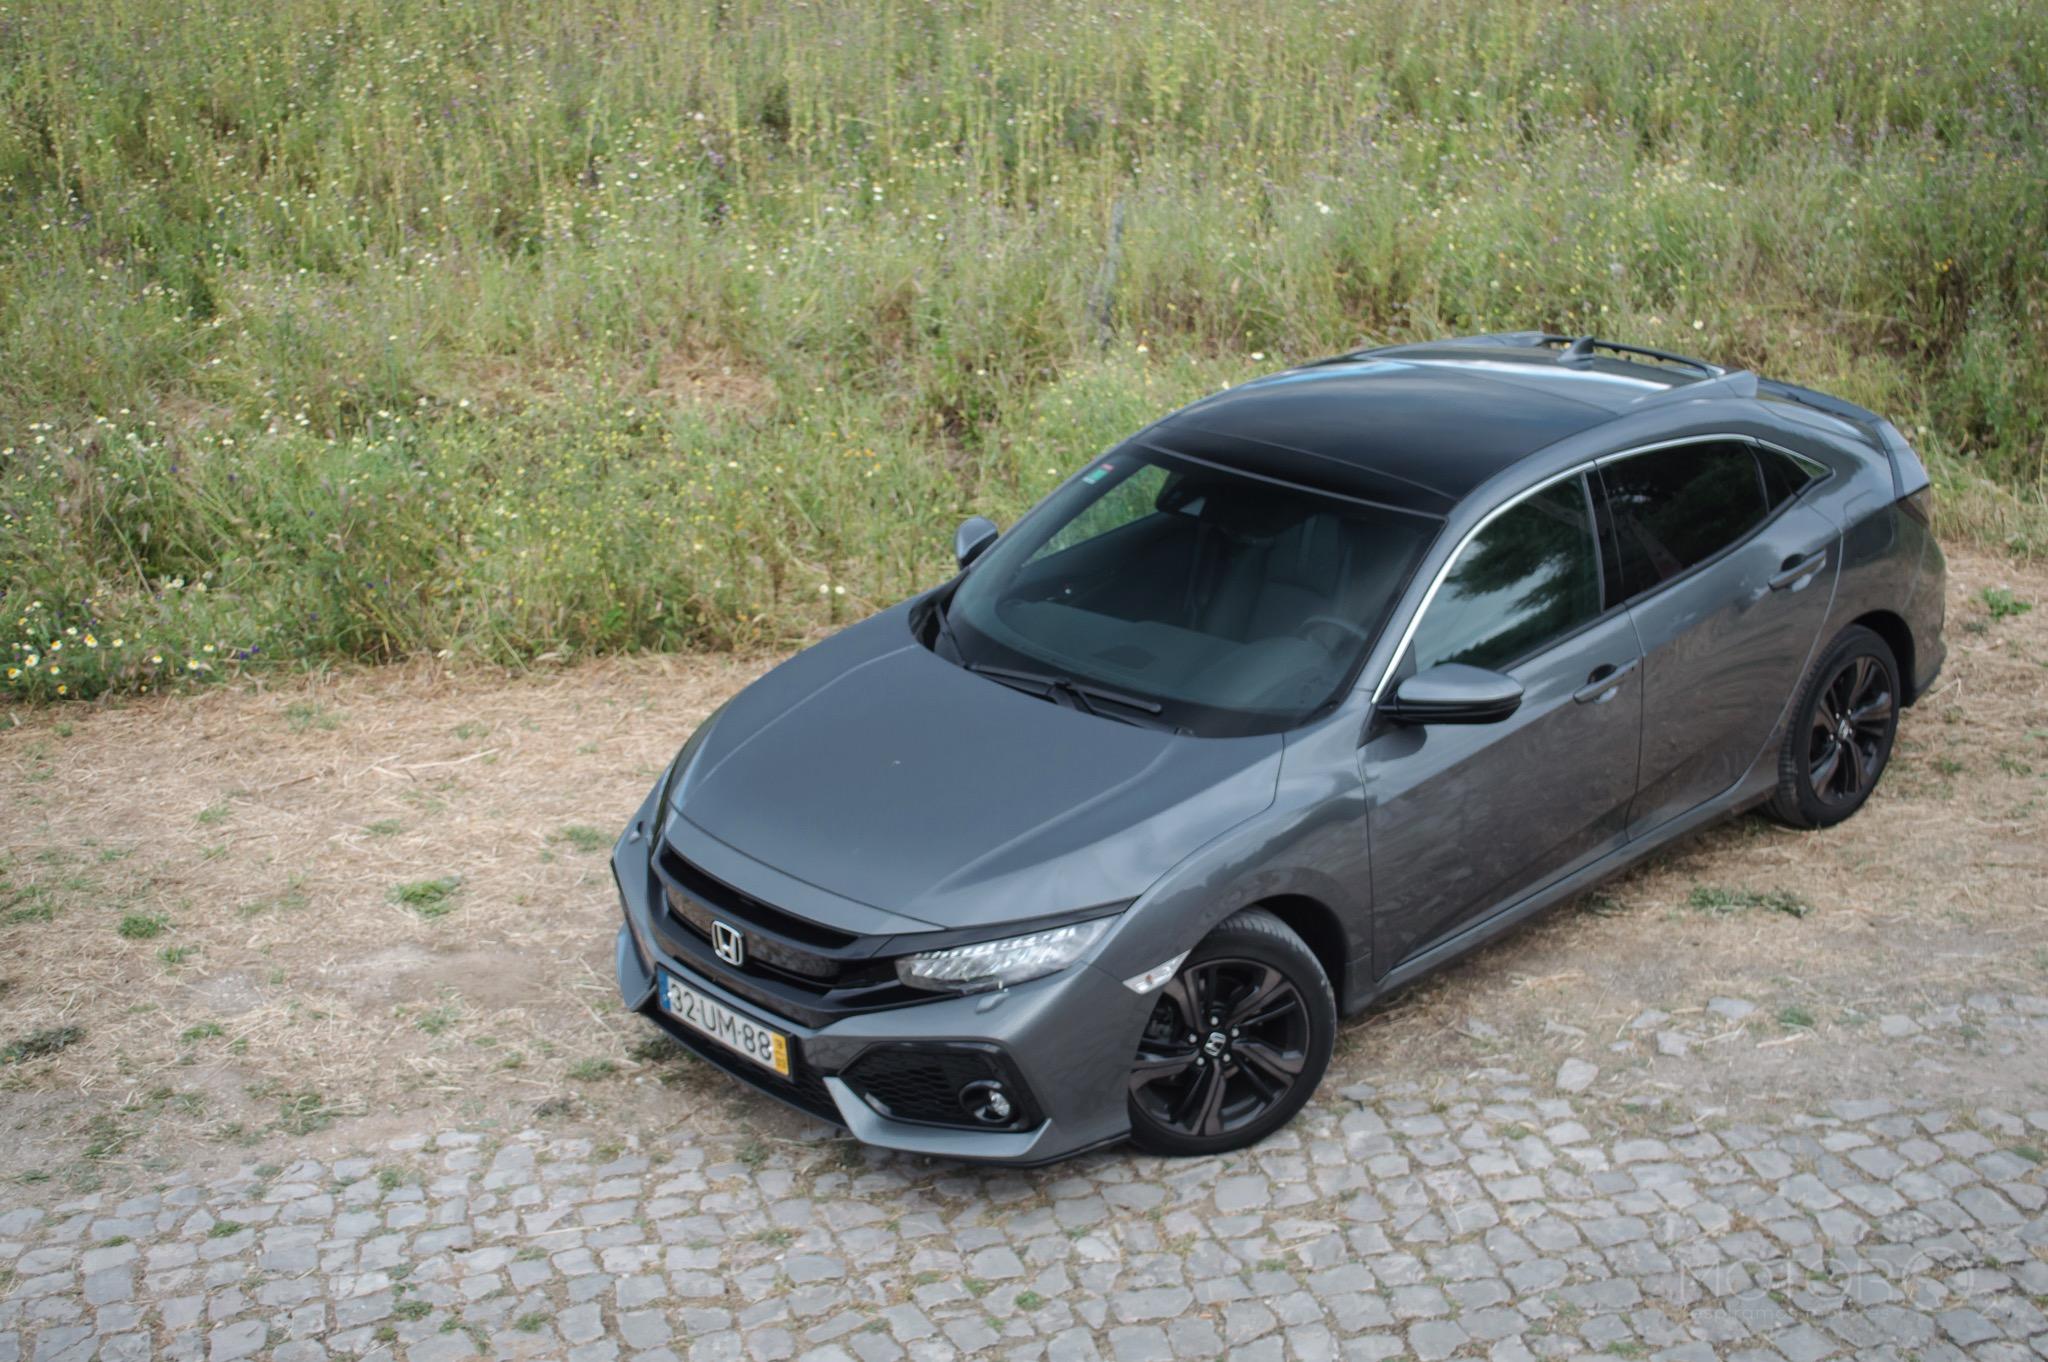 Honda Civic 1.6 i-DTEC Executive